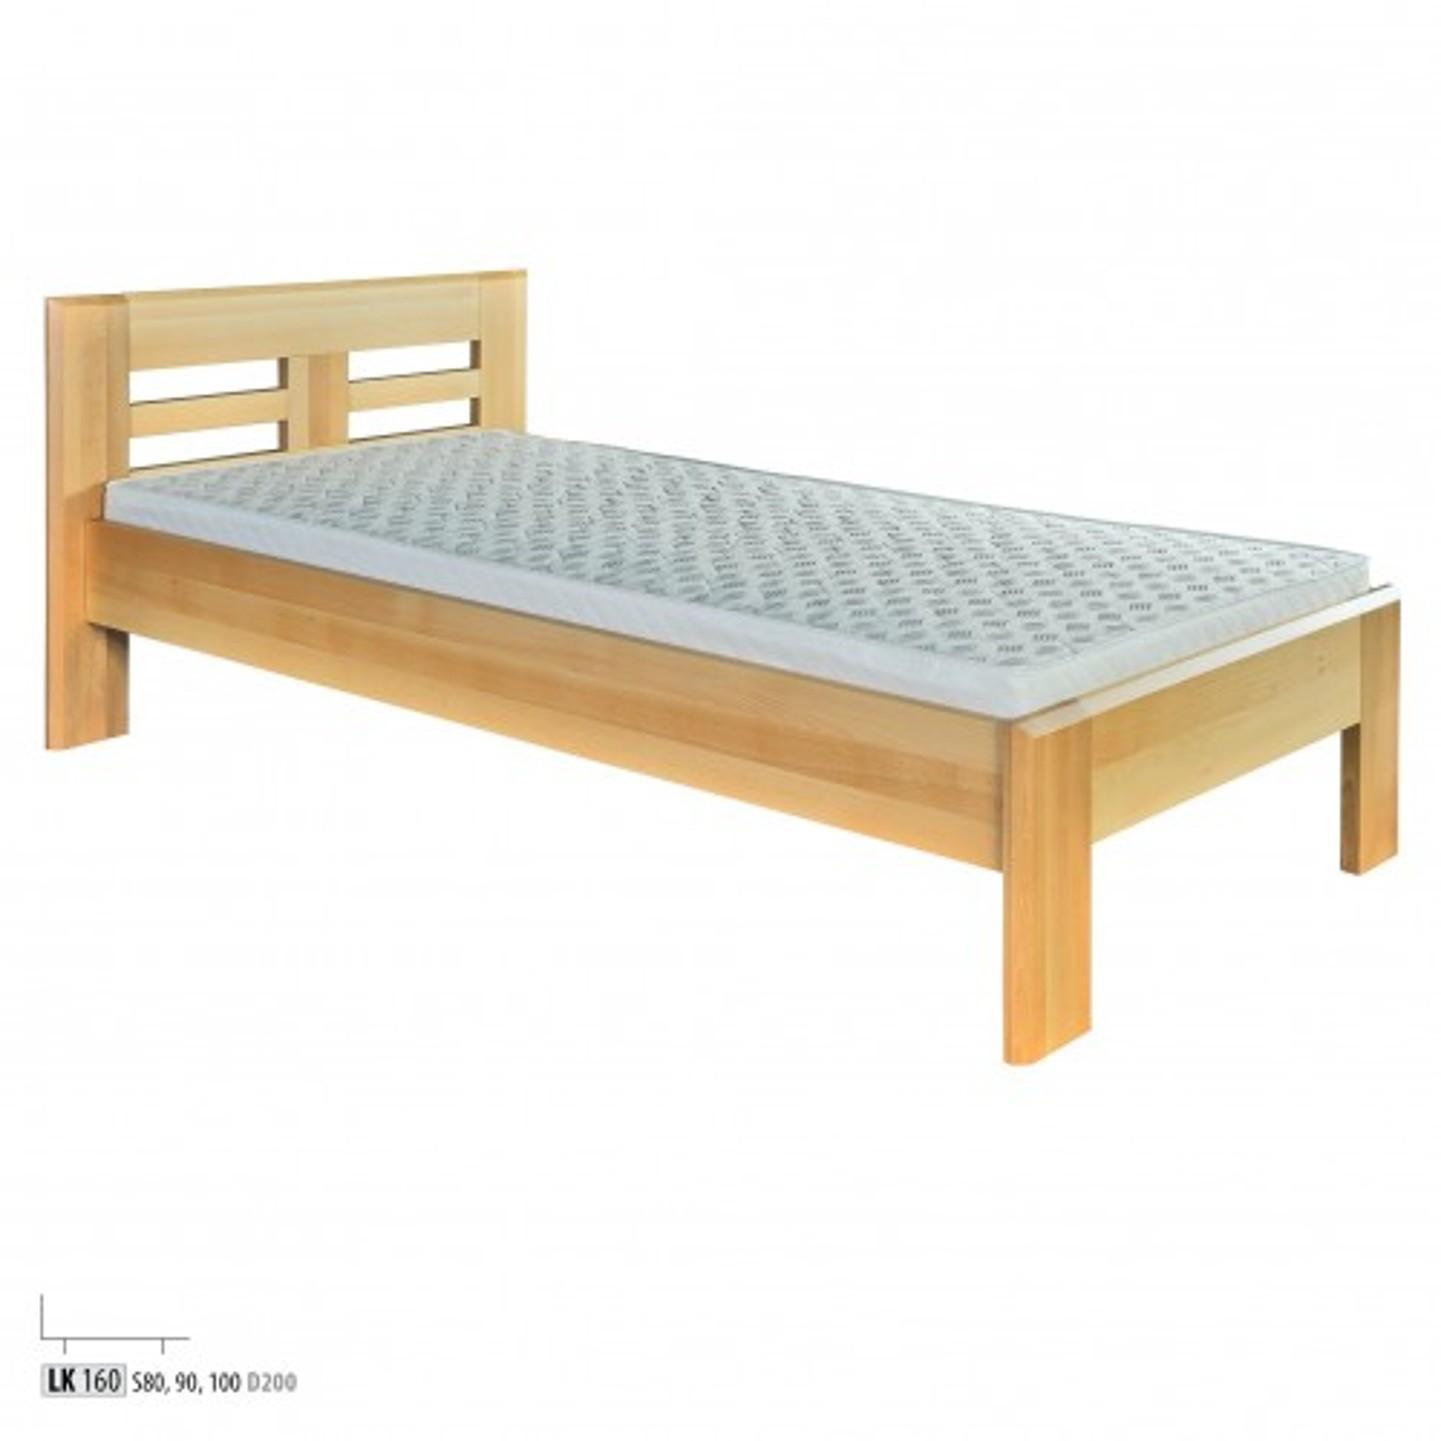 Jednolôžková masívna posteľ  LK 160 S90